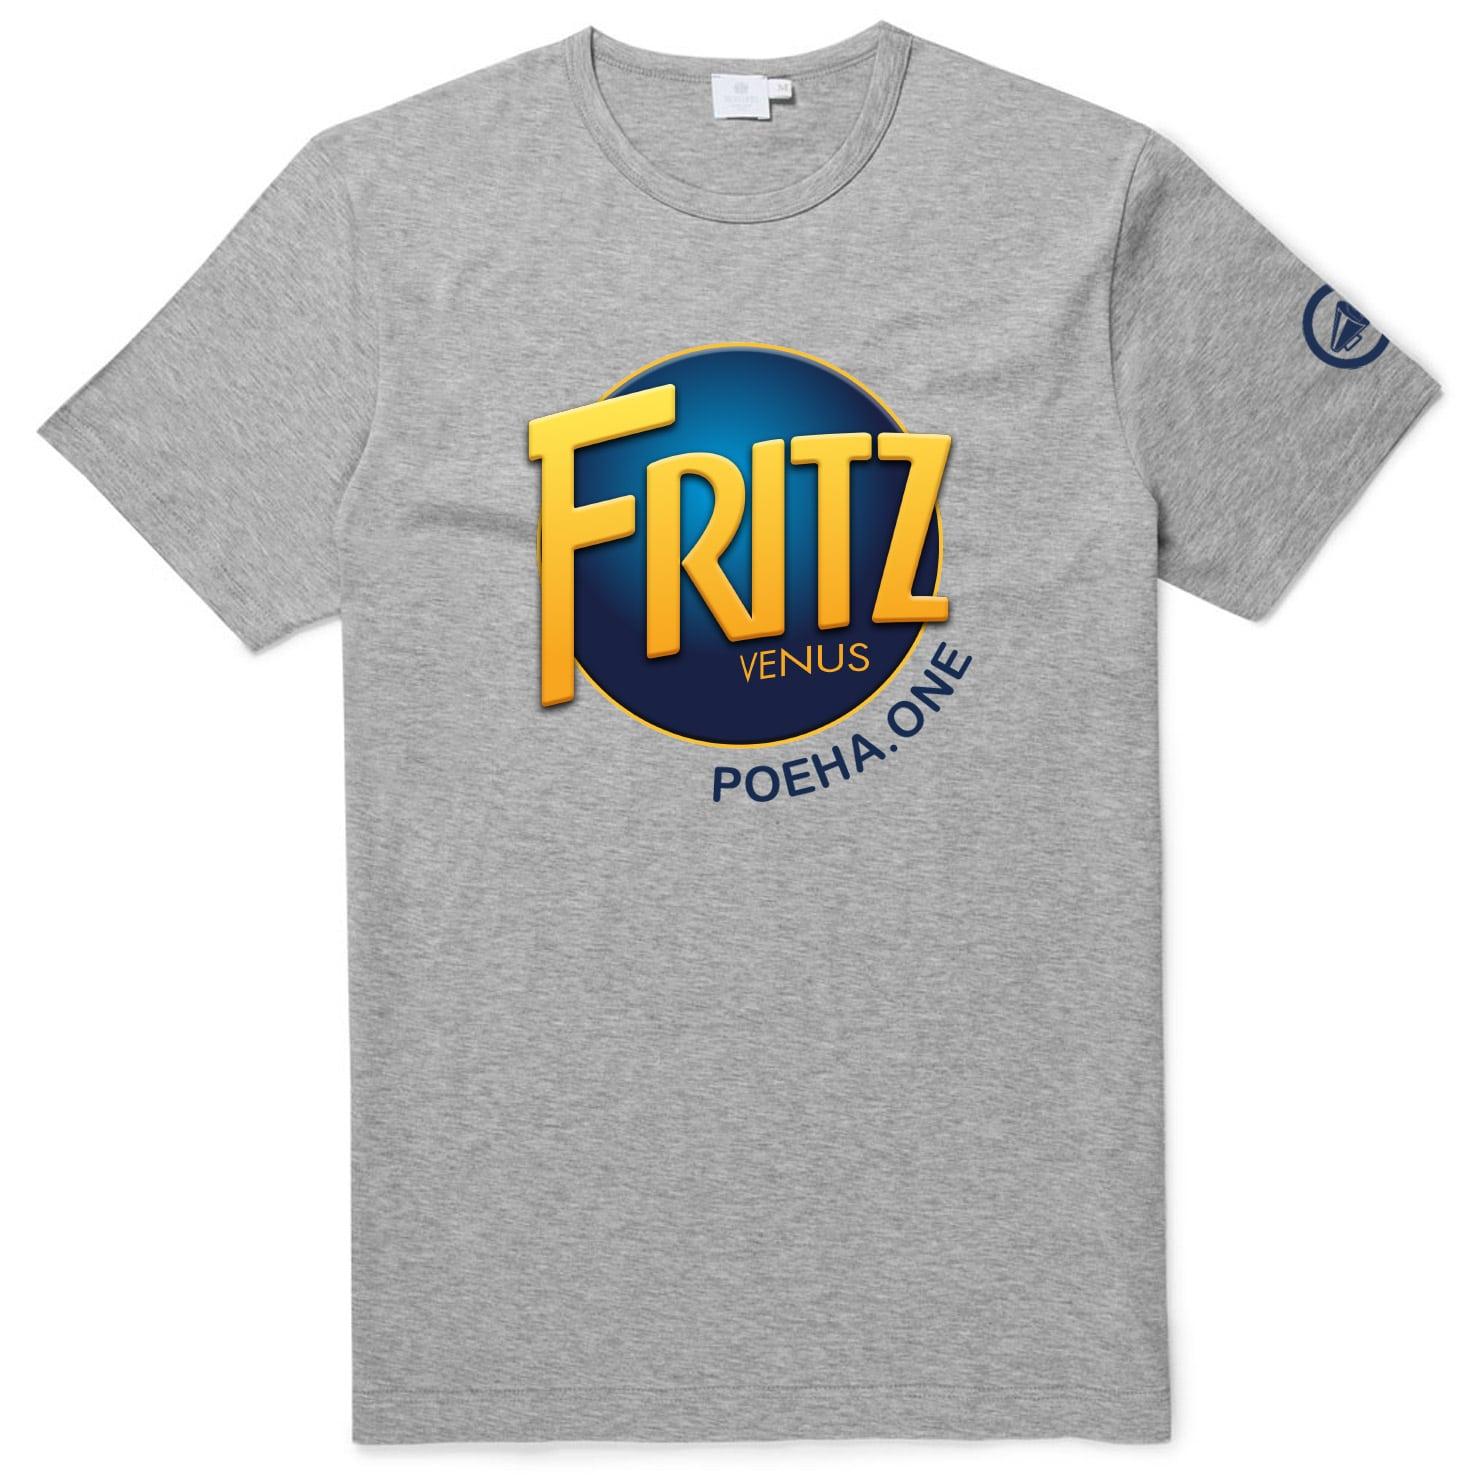 Op dit shirt zie je het logo van Fritz Venus, de man achter Poeha.